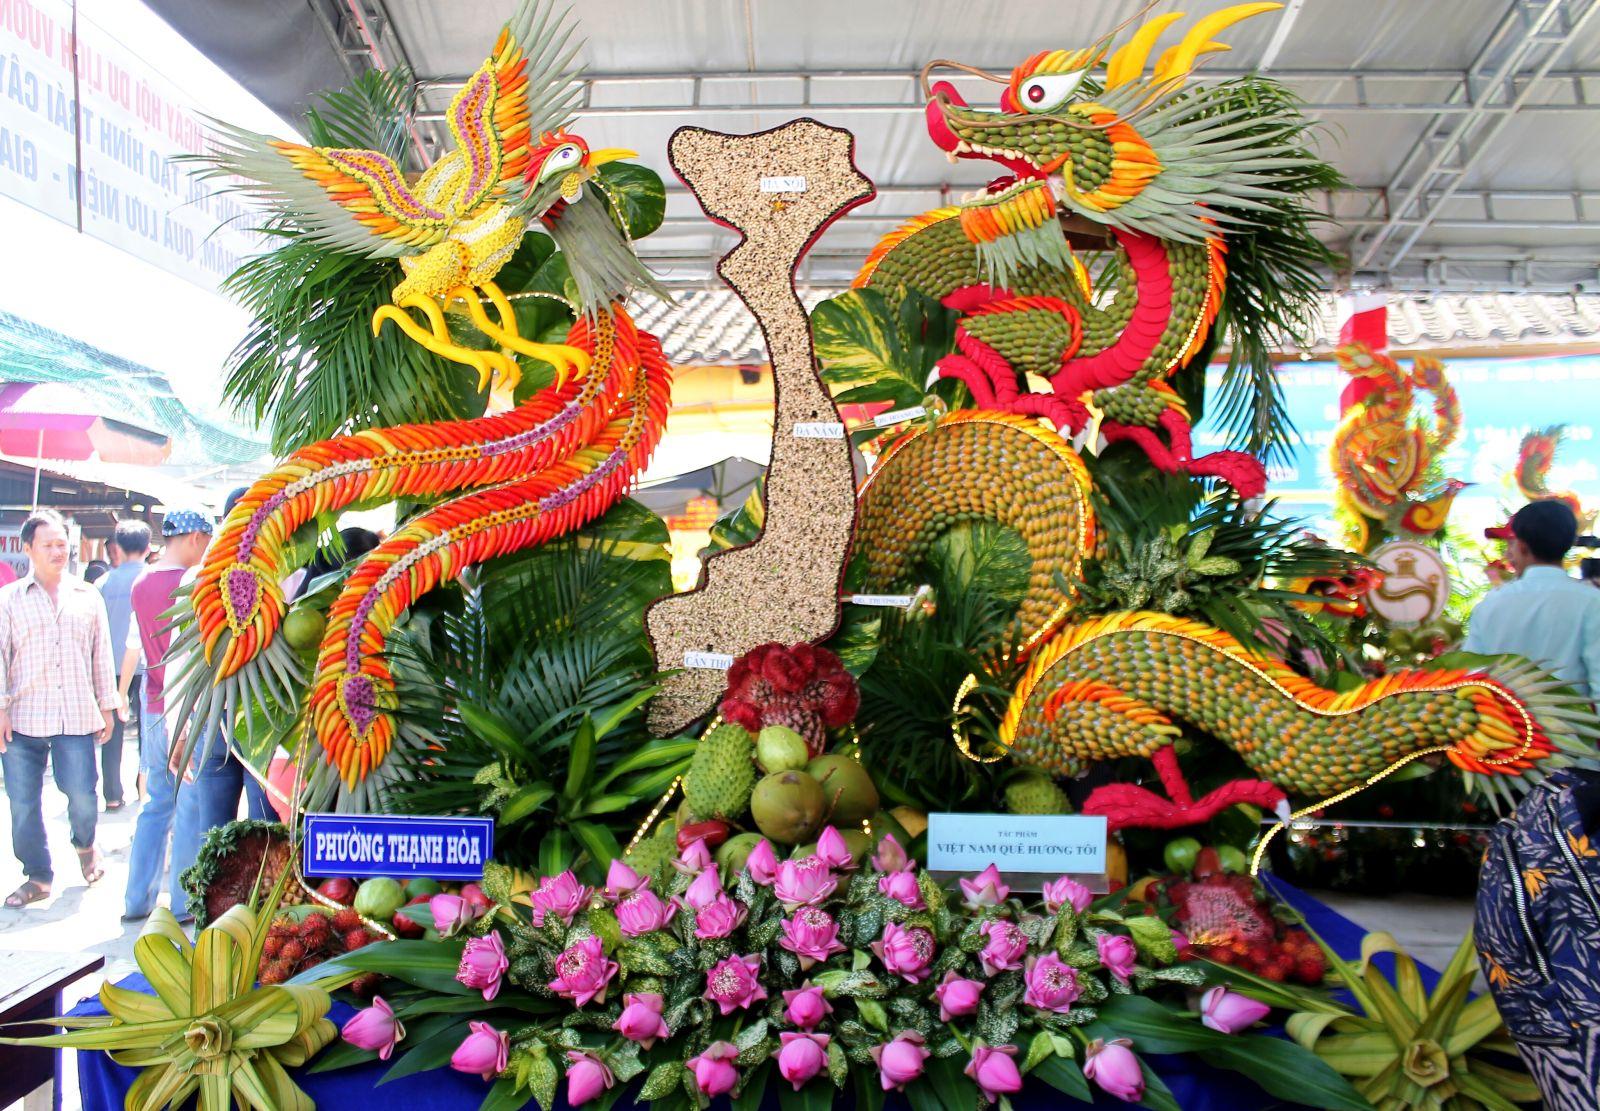 Mâm trái cây của phường Thạnh Hòa với tạo hình đất nước Việt Nam và đôi long phụng.